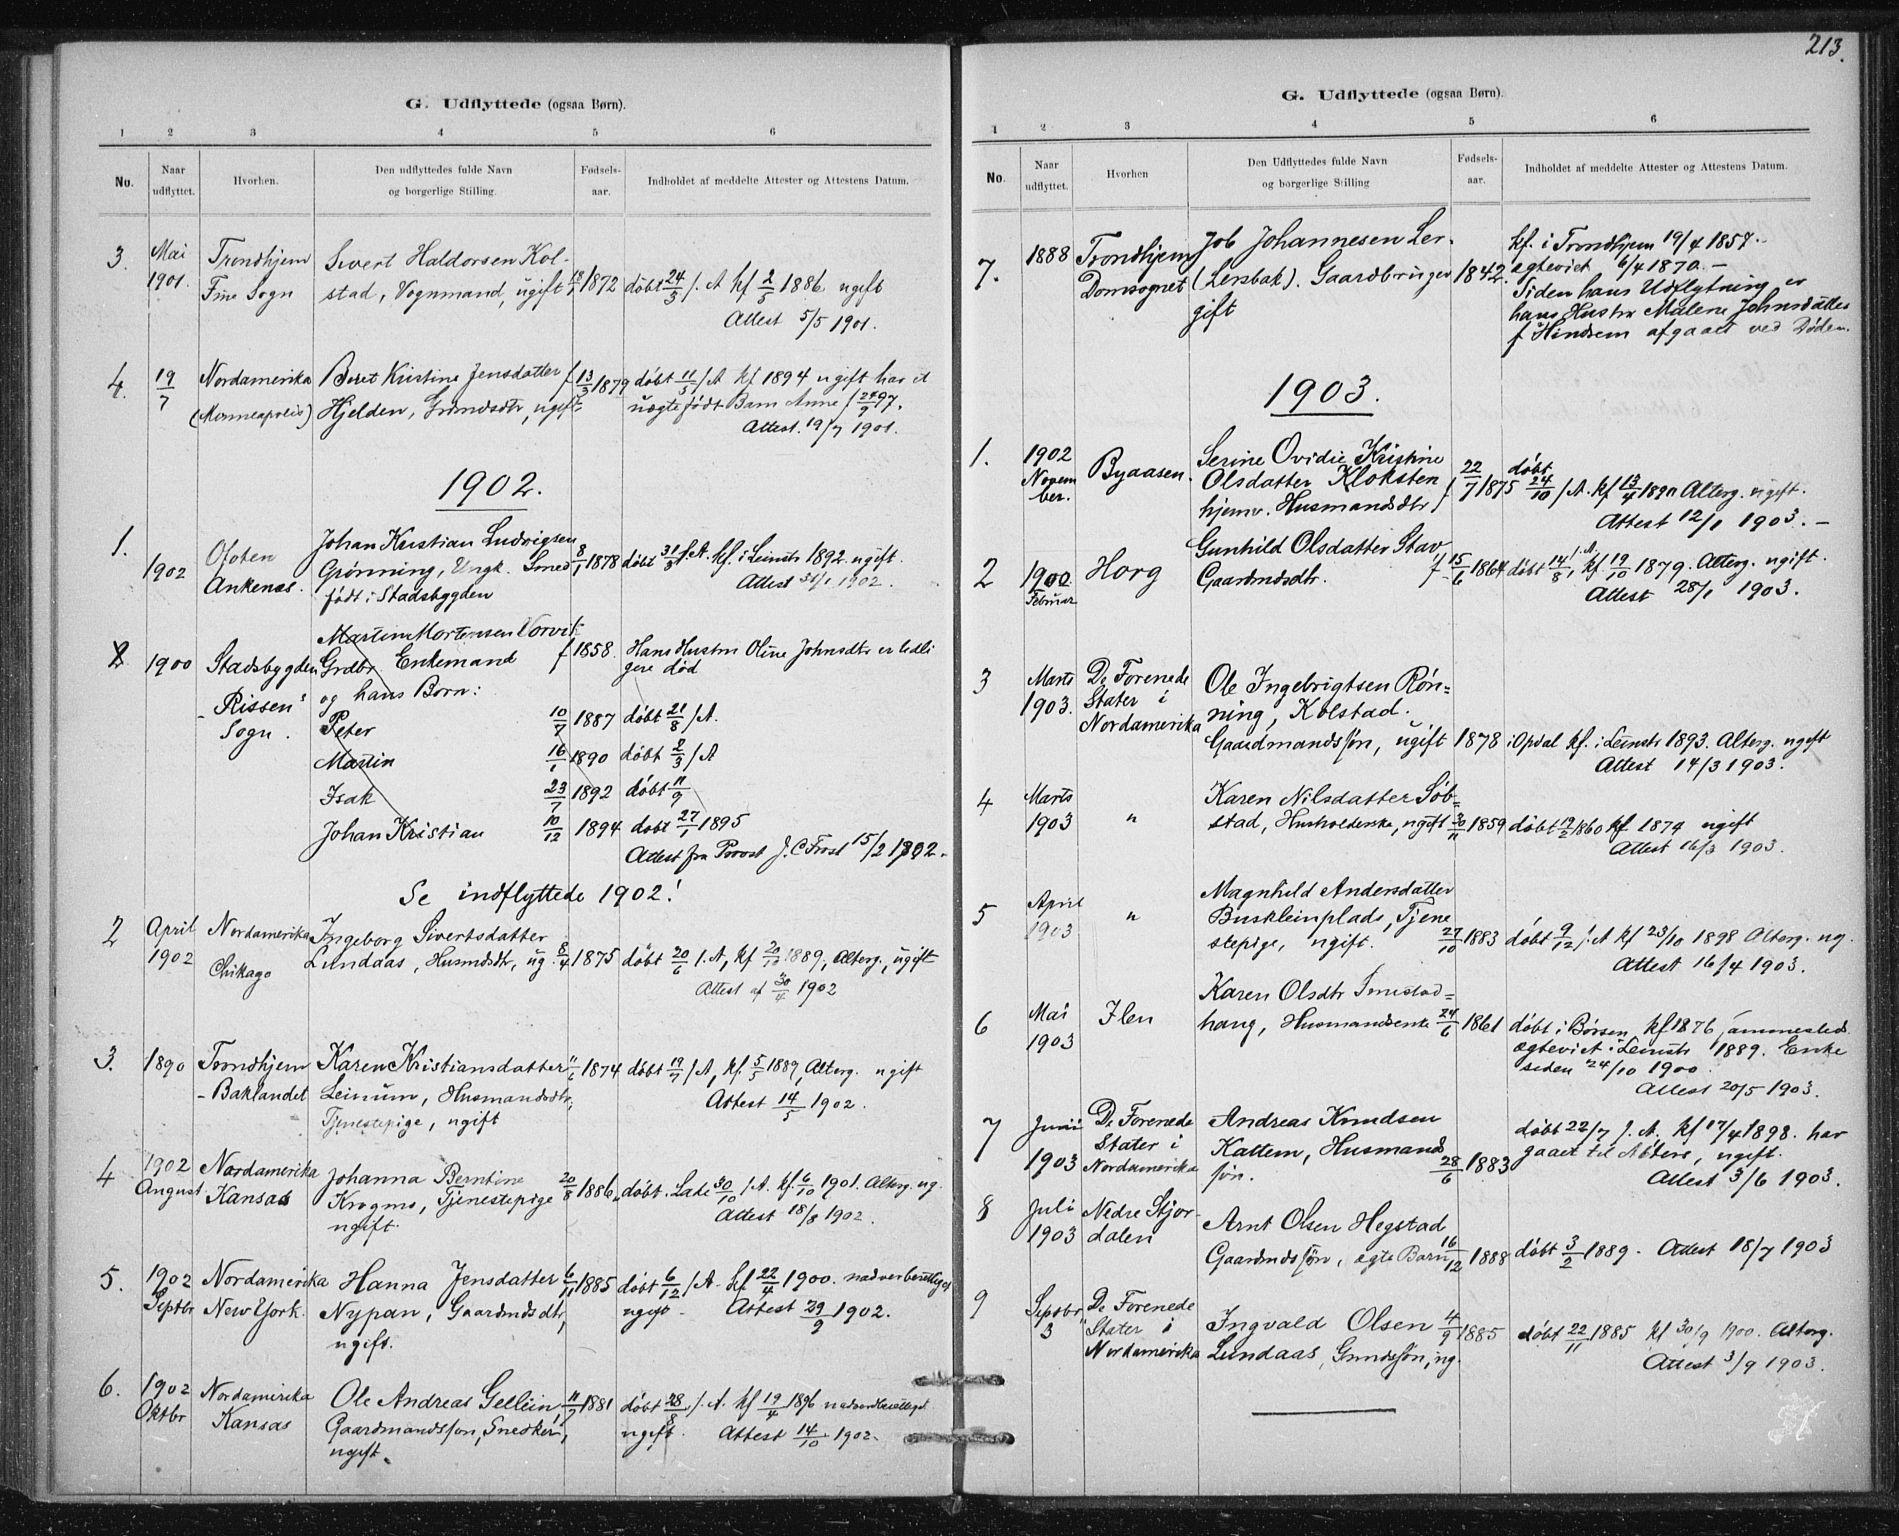 SAT, Ministerialprotokoller, klokkerbøker og fødselsregistre - Sør-Trøndelag, 613/L0392: Ministerialbok nr. 613A01, 1887-1906, s. 213